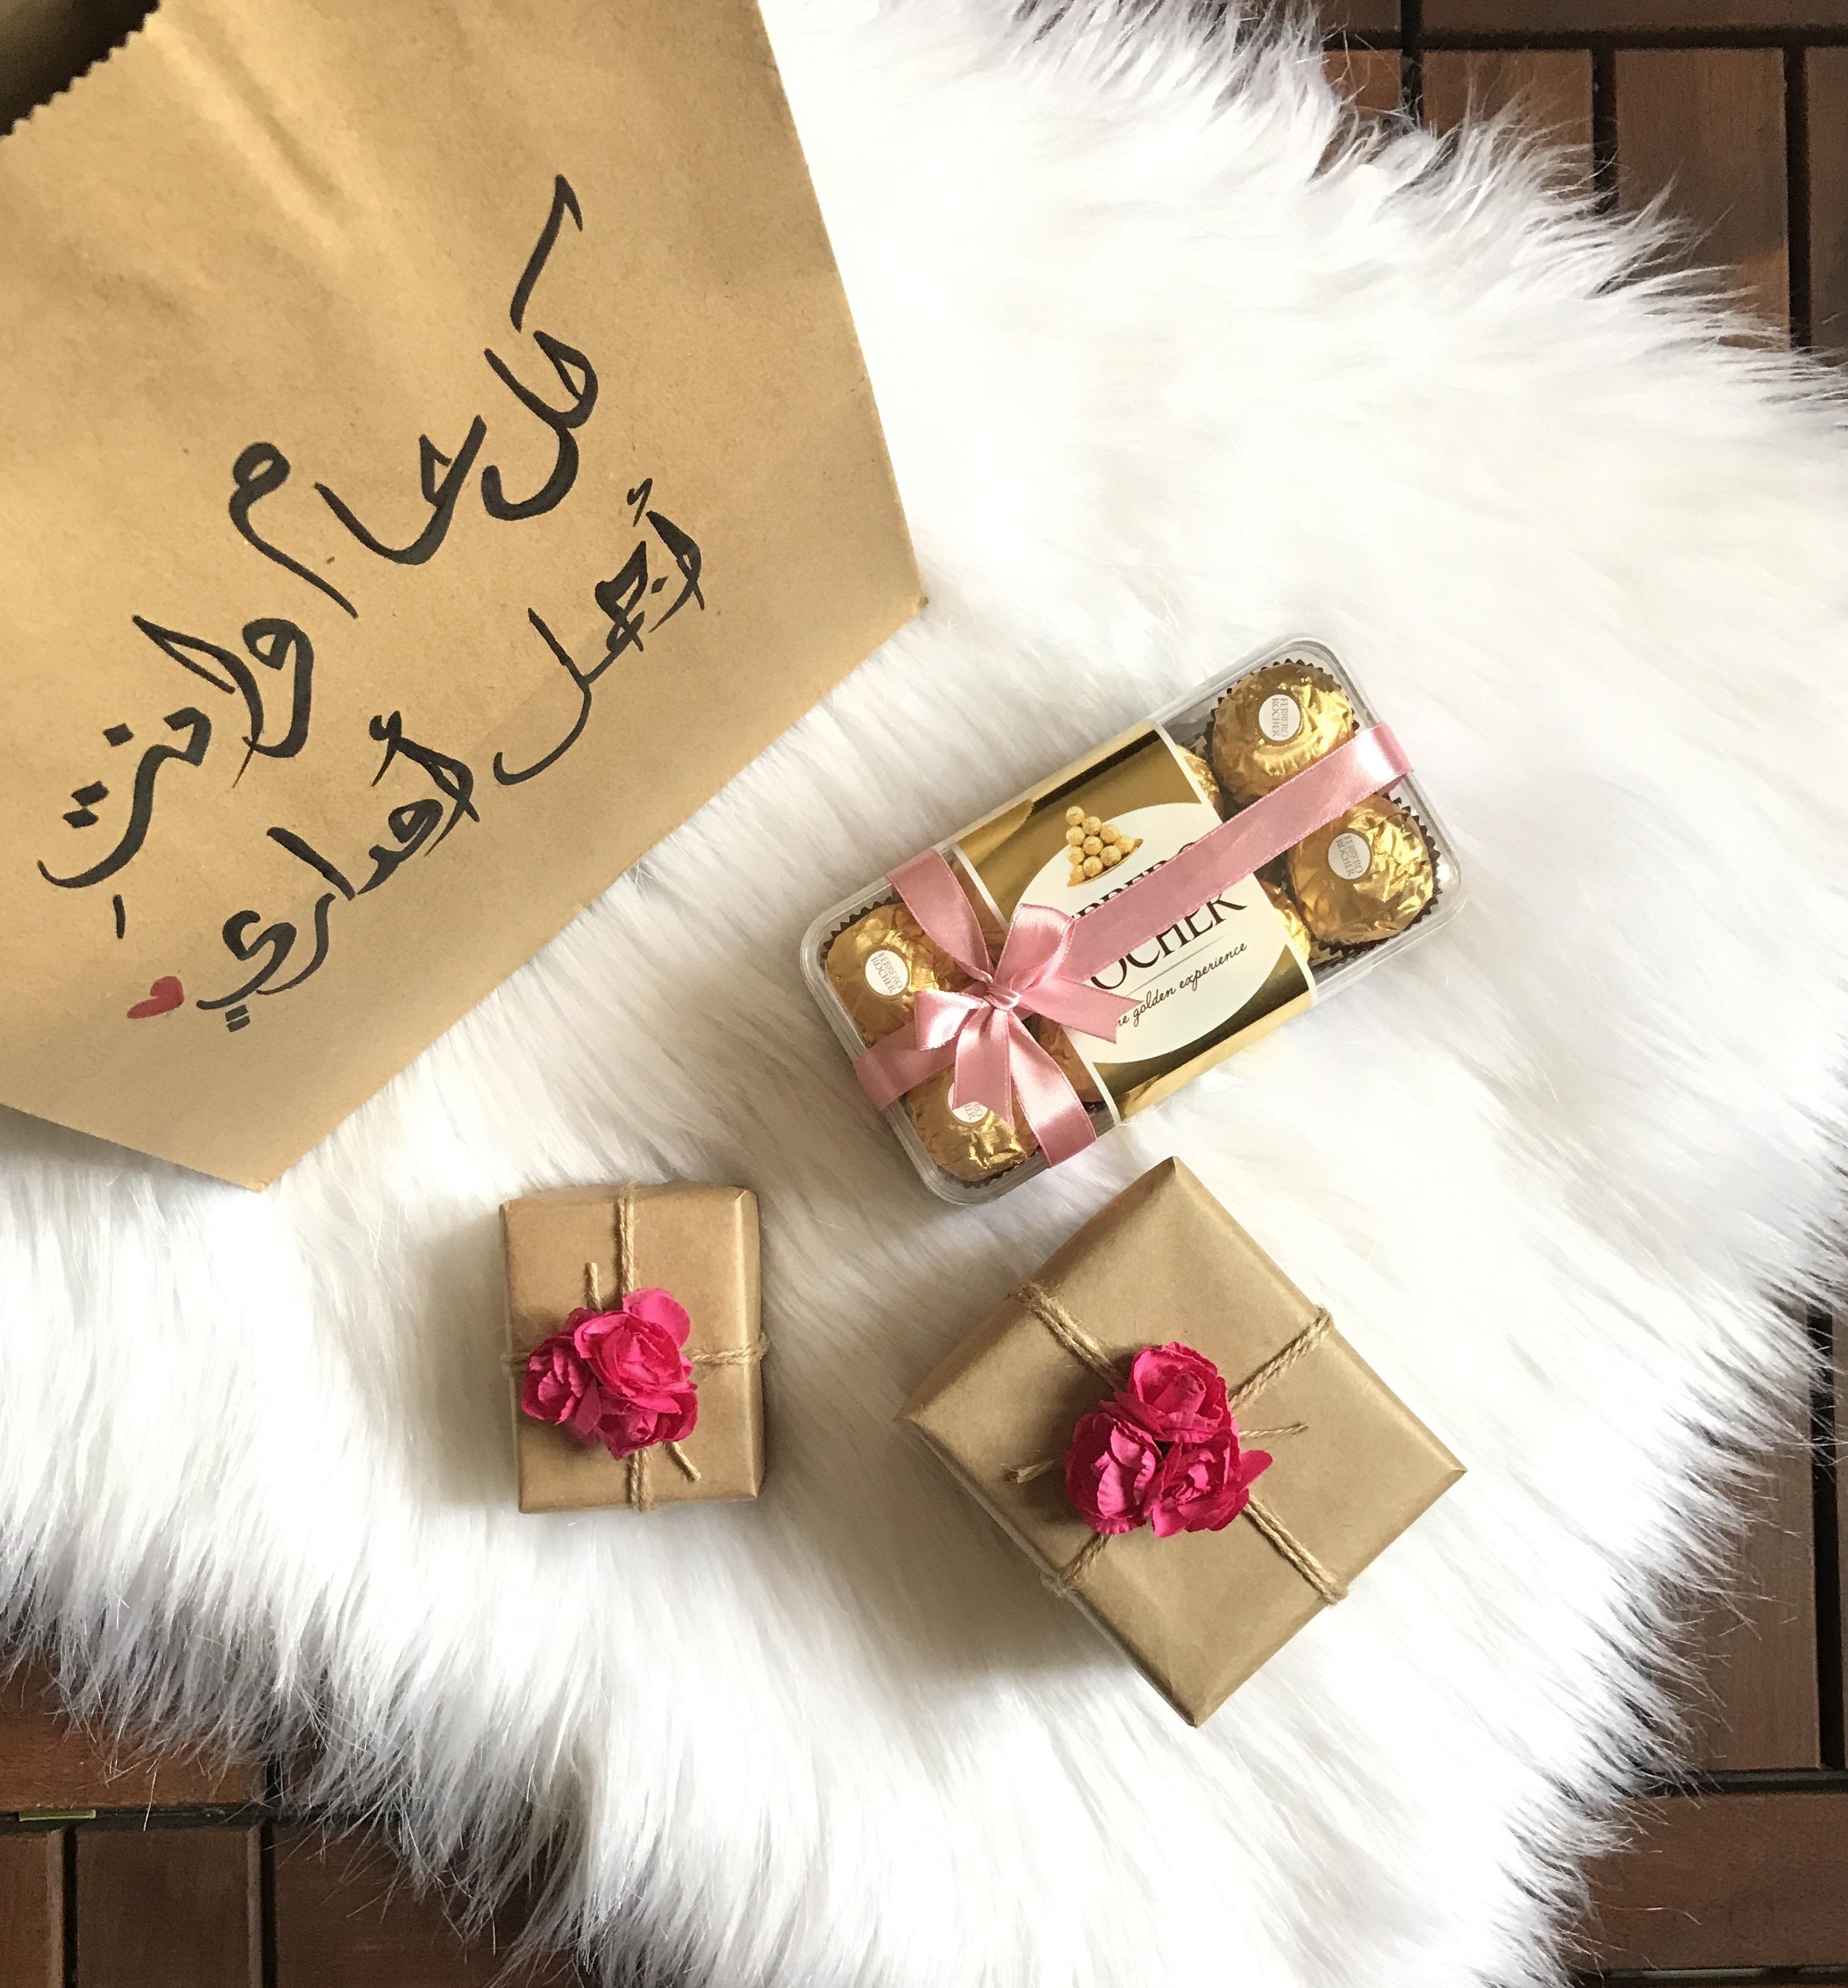 هدايا مبتكرة بأفكار إبداعية لمختلف المناسبات Al Mara